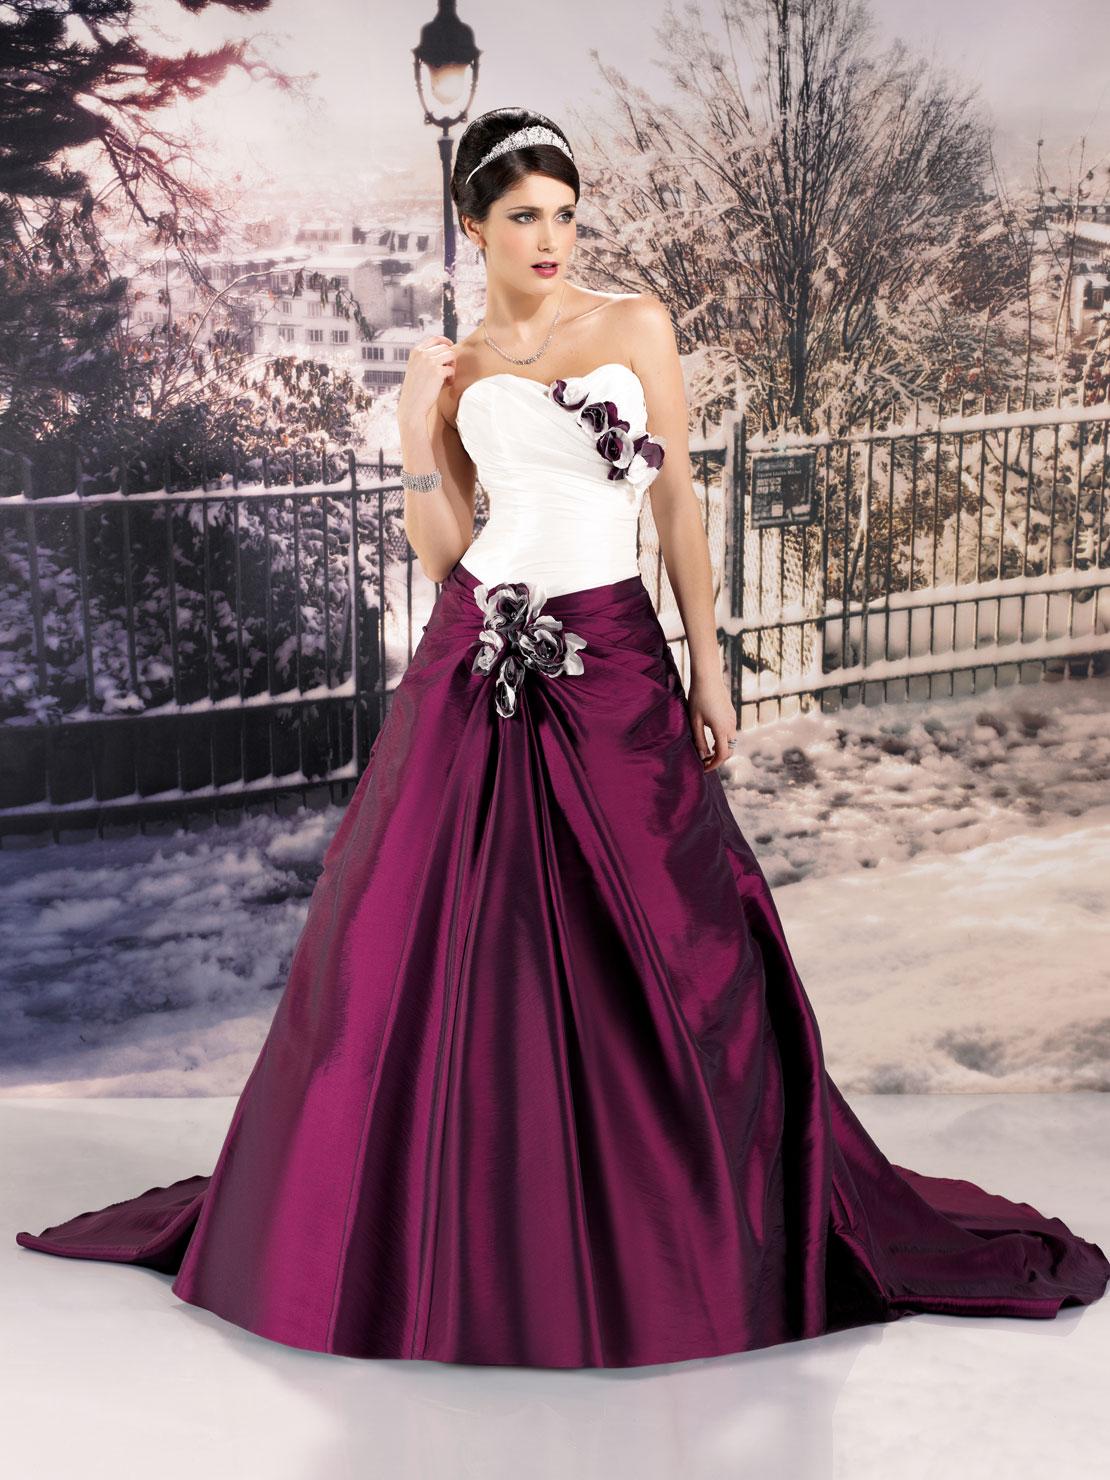 12 - Vestidos de Noiva Coloridos - Inspirações